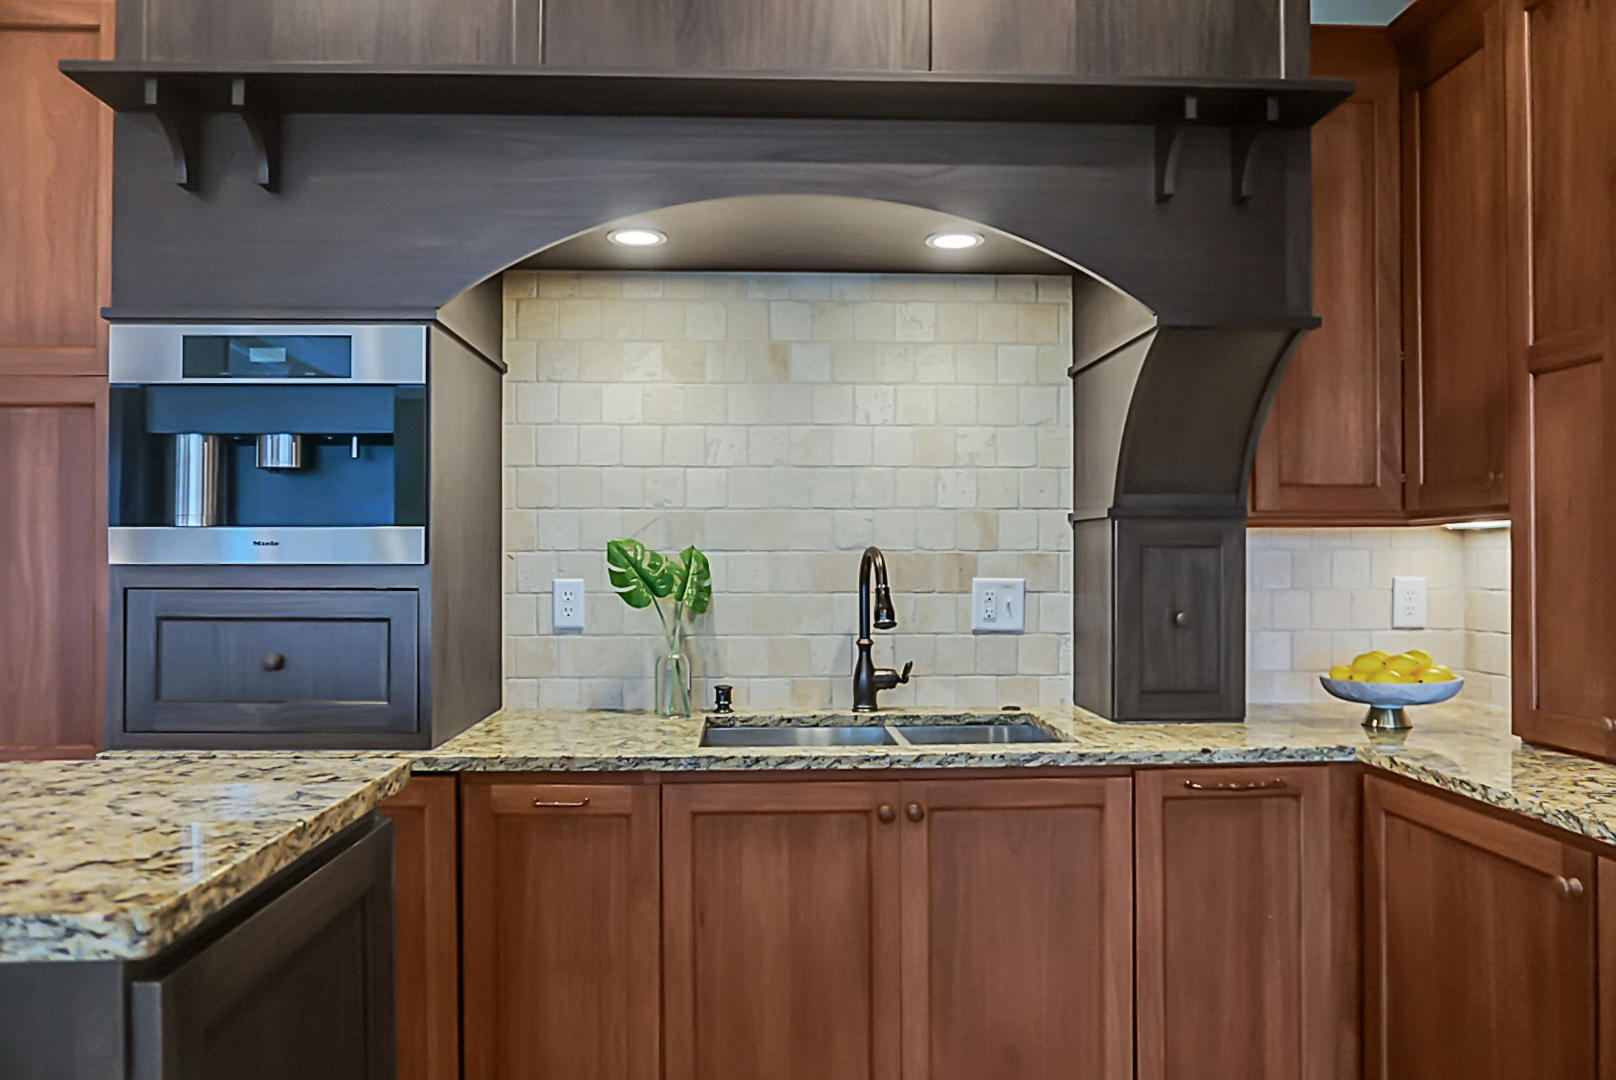 Dunes West Homes For Sale - 2978 River Vista, Mount Pleasant, SC - 37